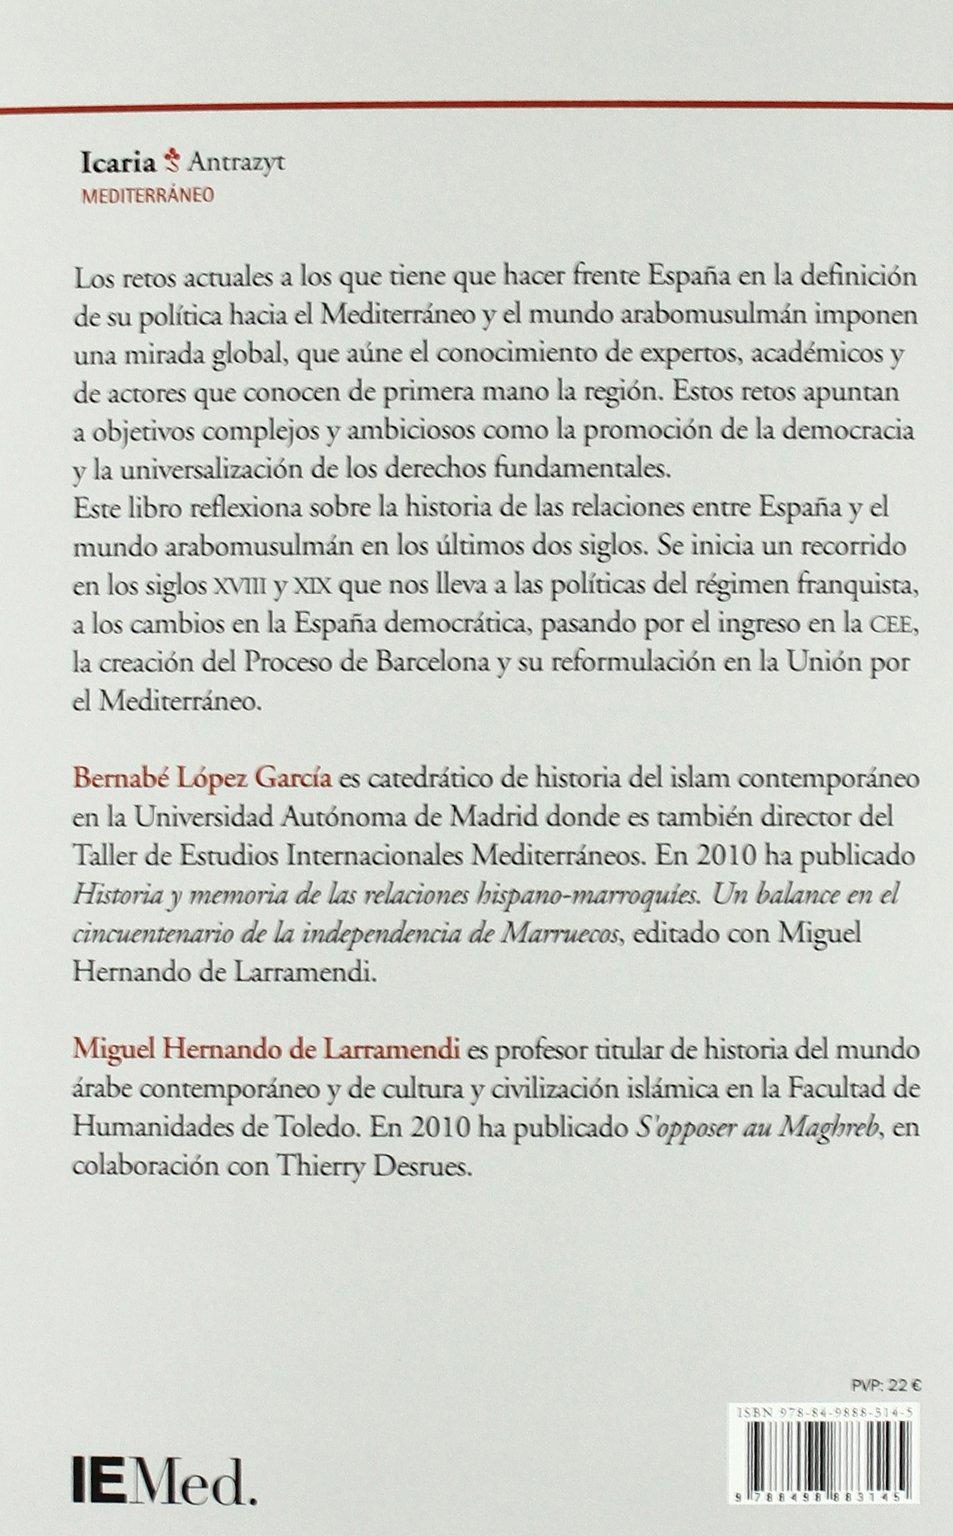 Amazon.com: España, el mediterraneo y el mundo arabom ...